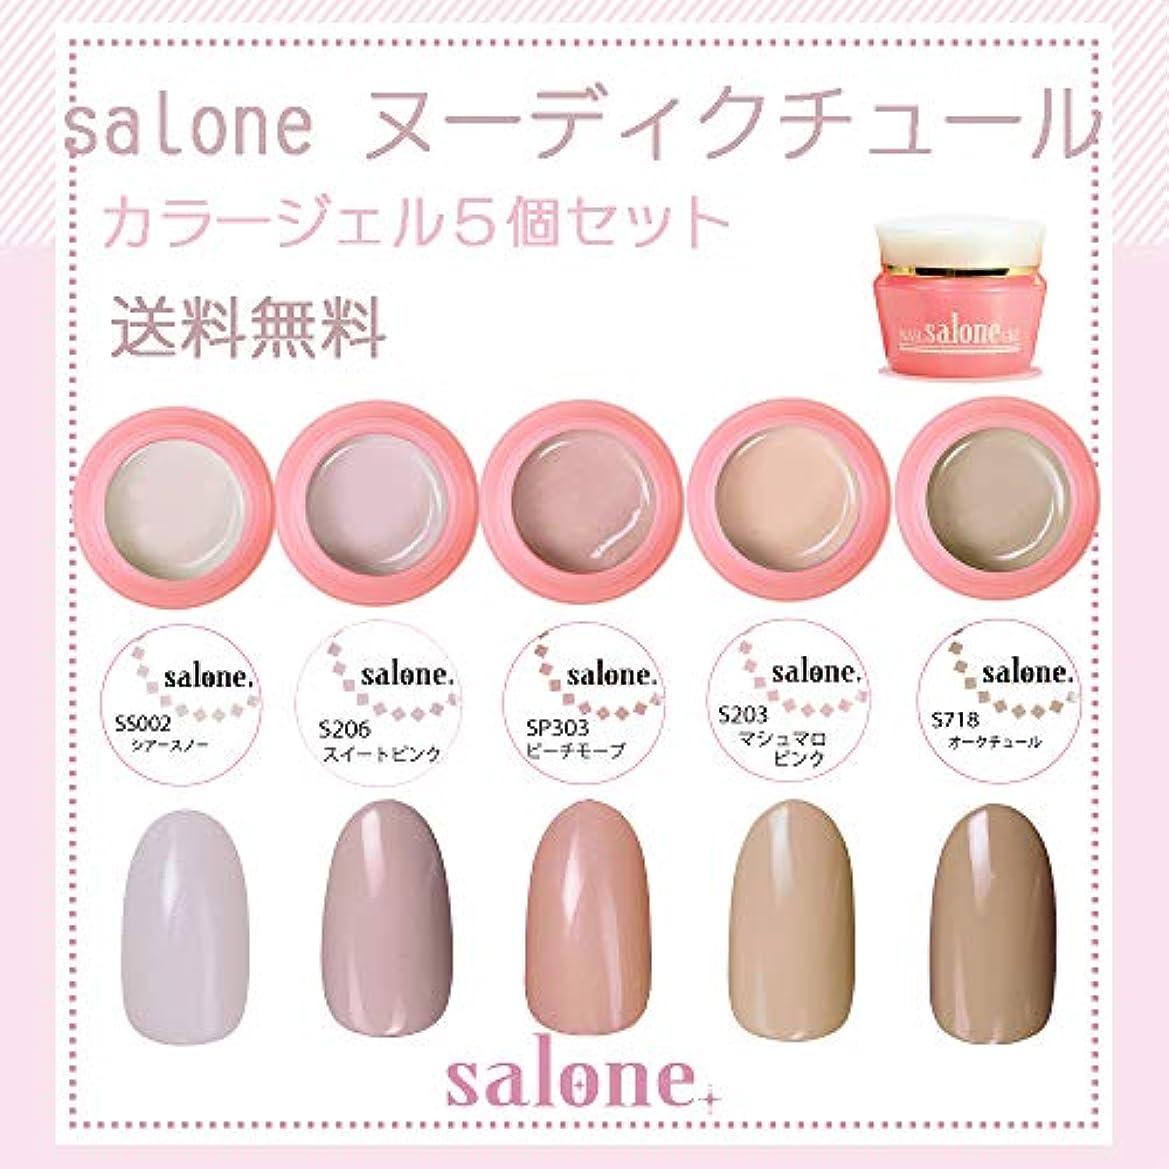 ウェイド油一族【送料無料 日本製】Salone ヌーディクチュール カラージェル5個セット 上品で肌なじみの良いカラー